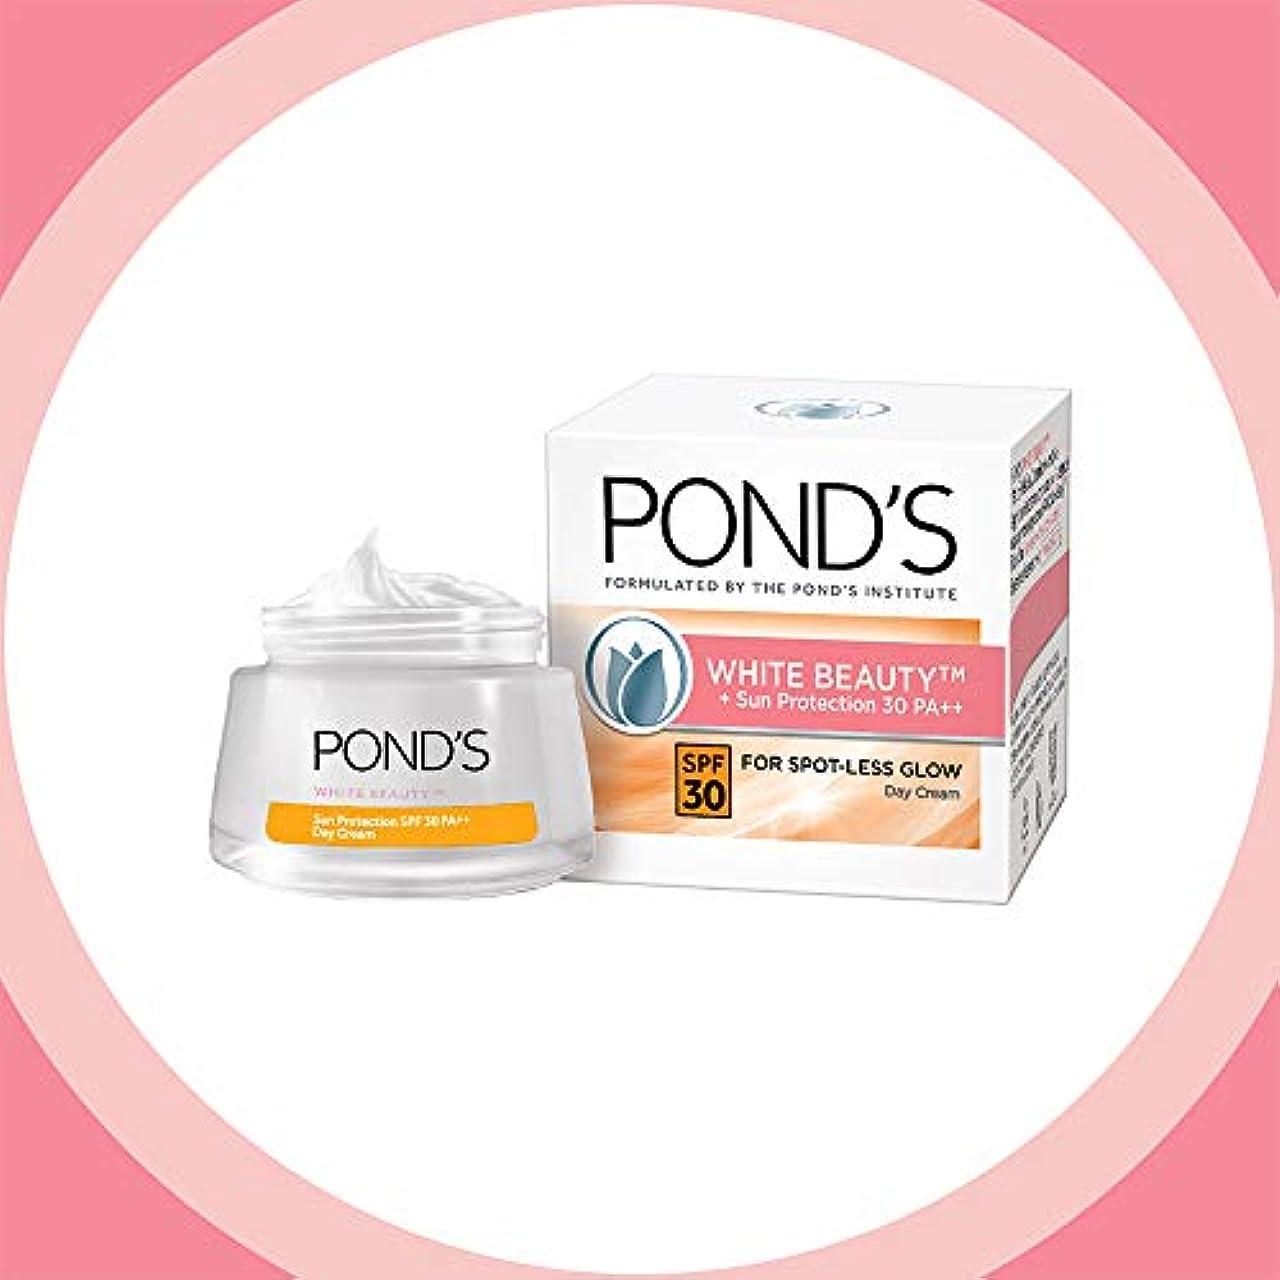 ブート廃棄するオークションPOND'S White Beauty Sun Protection SPF 30 Day Cream, 50 g